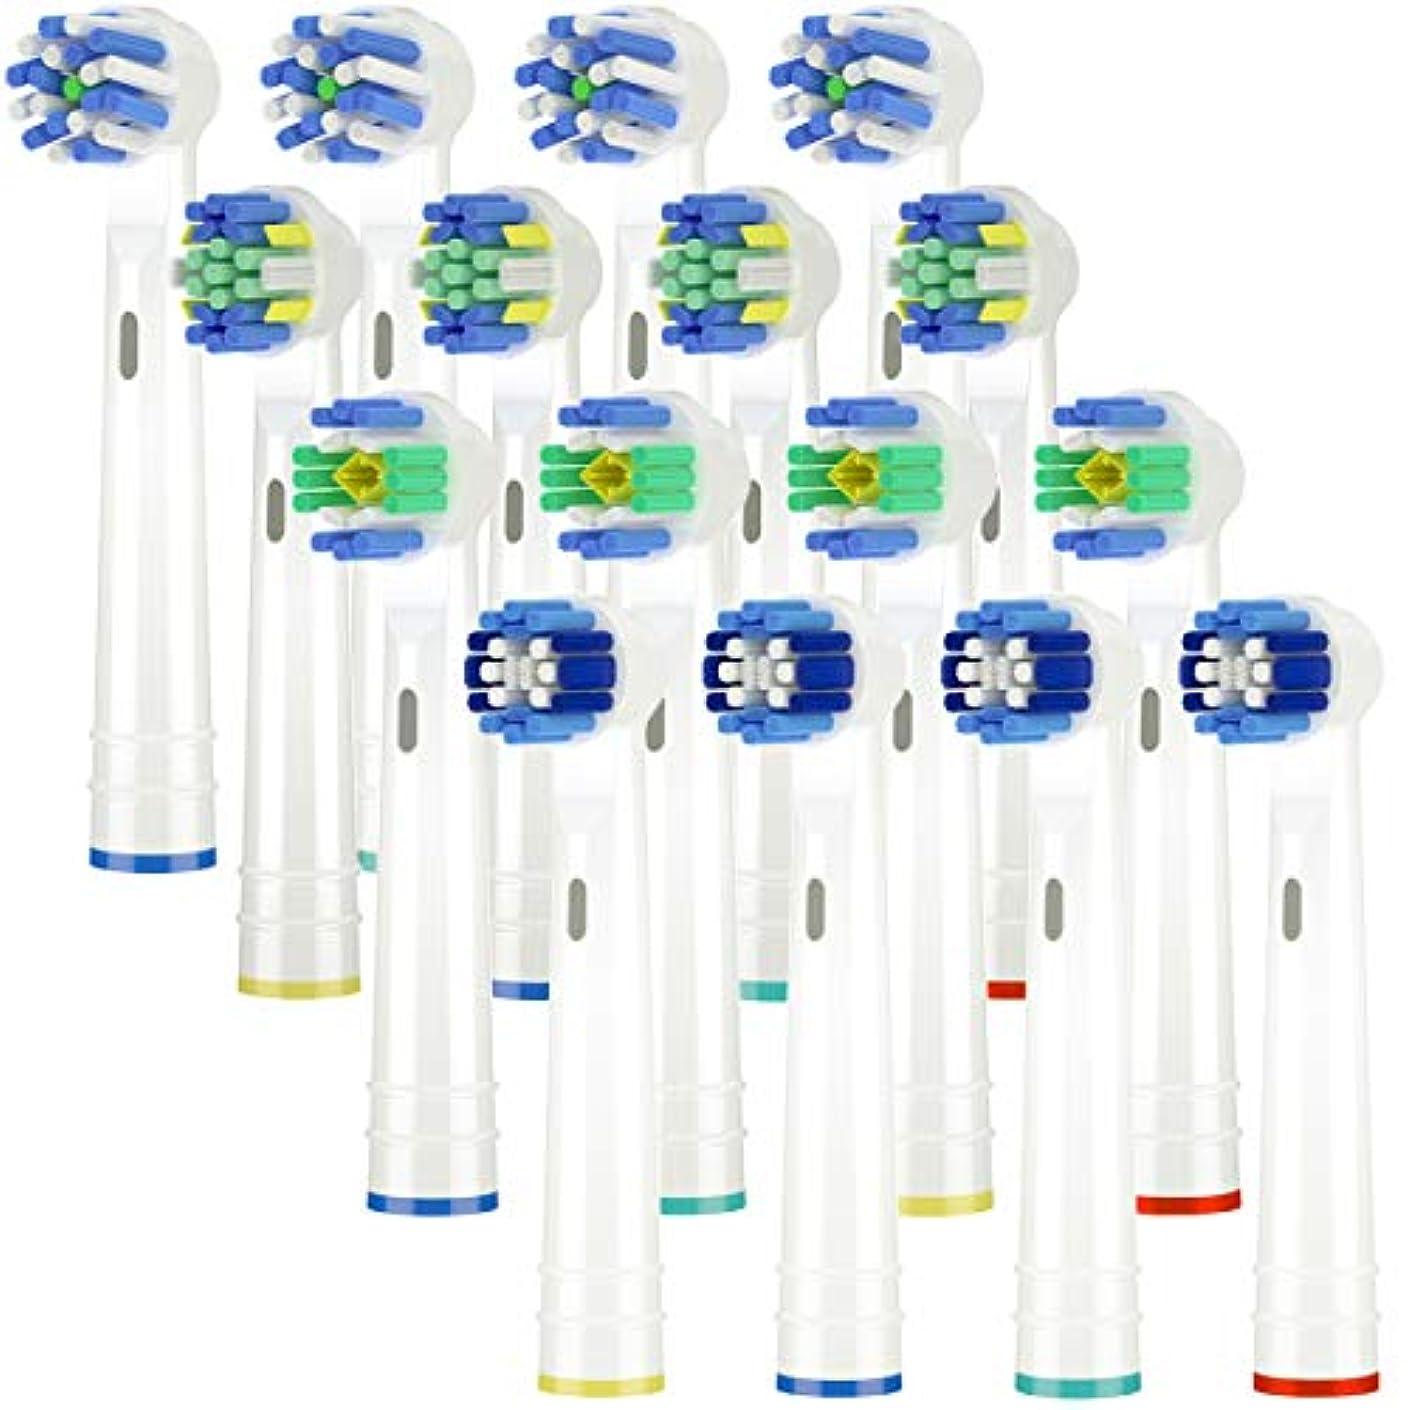 束ねる地域ハグItechnik 電動歯ブラシ 替えブラシ ブラウン オーラルB 対応 替えブラシ 4種類が入り:ホワイトニングブラシ 、ベーシックブラシ、歯間ワイパー付きブラシ、マルチアクションブラシ 凡用な16本